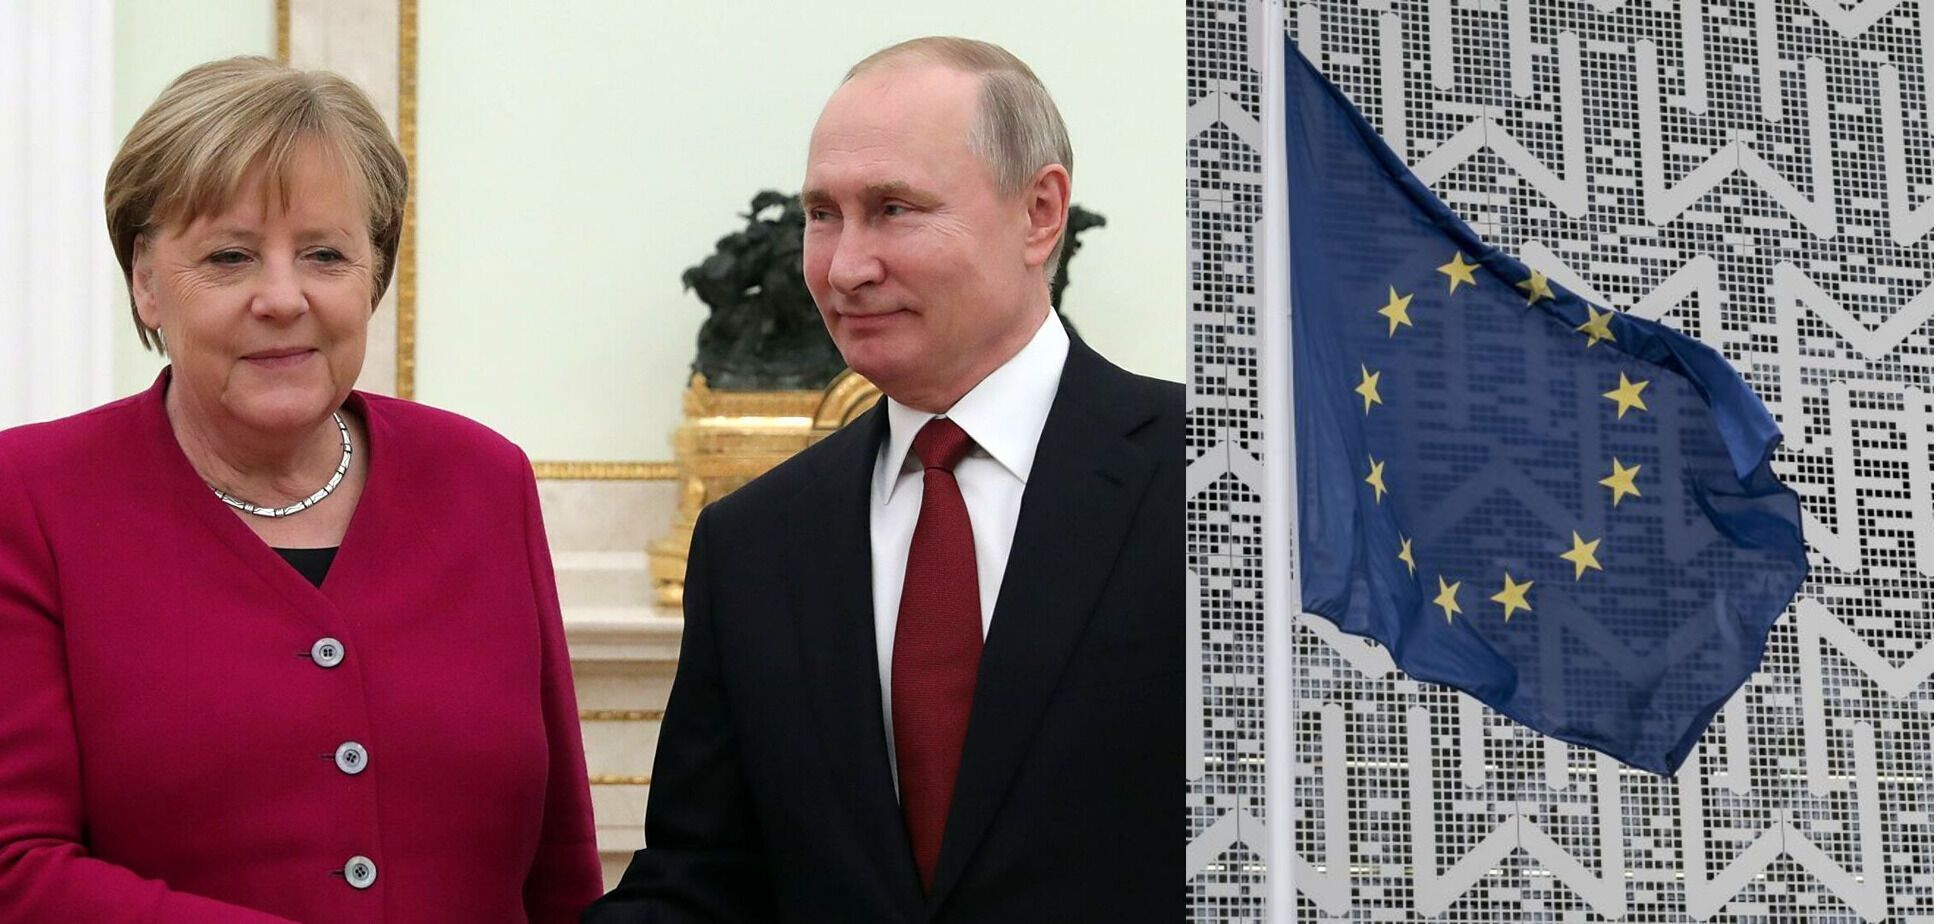 Лідери ЄС не погодилися на пропозицію Меркель щодо саміту з Путіним